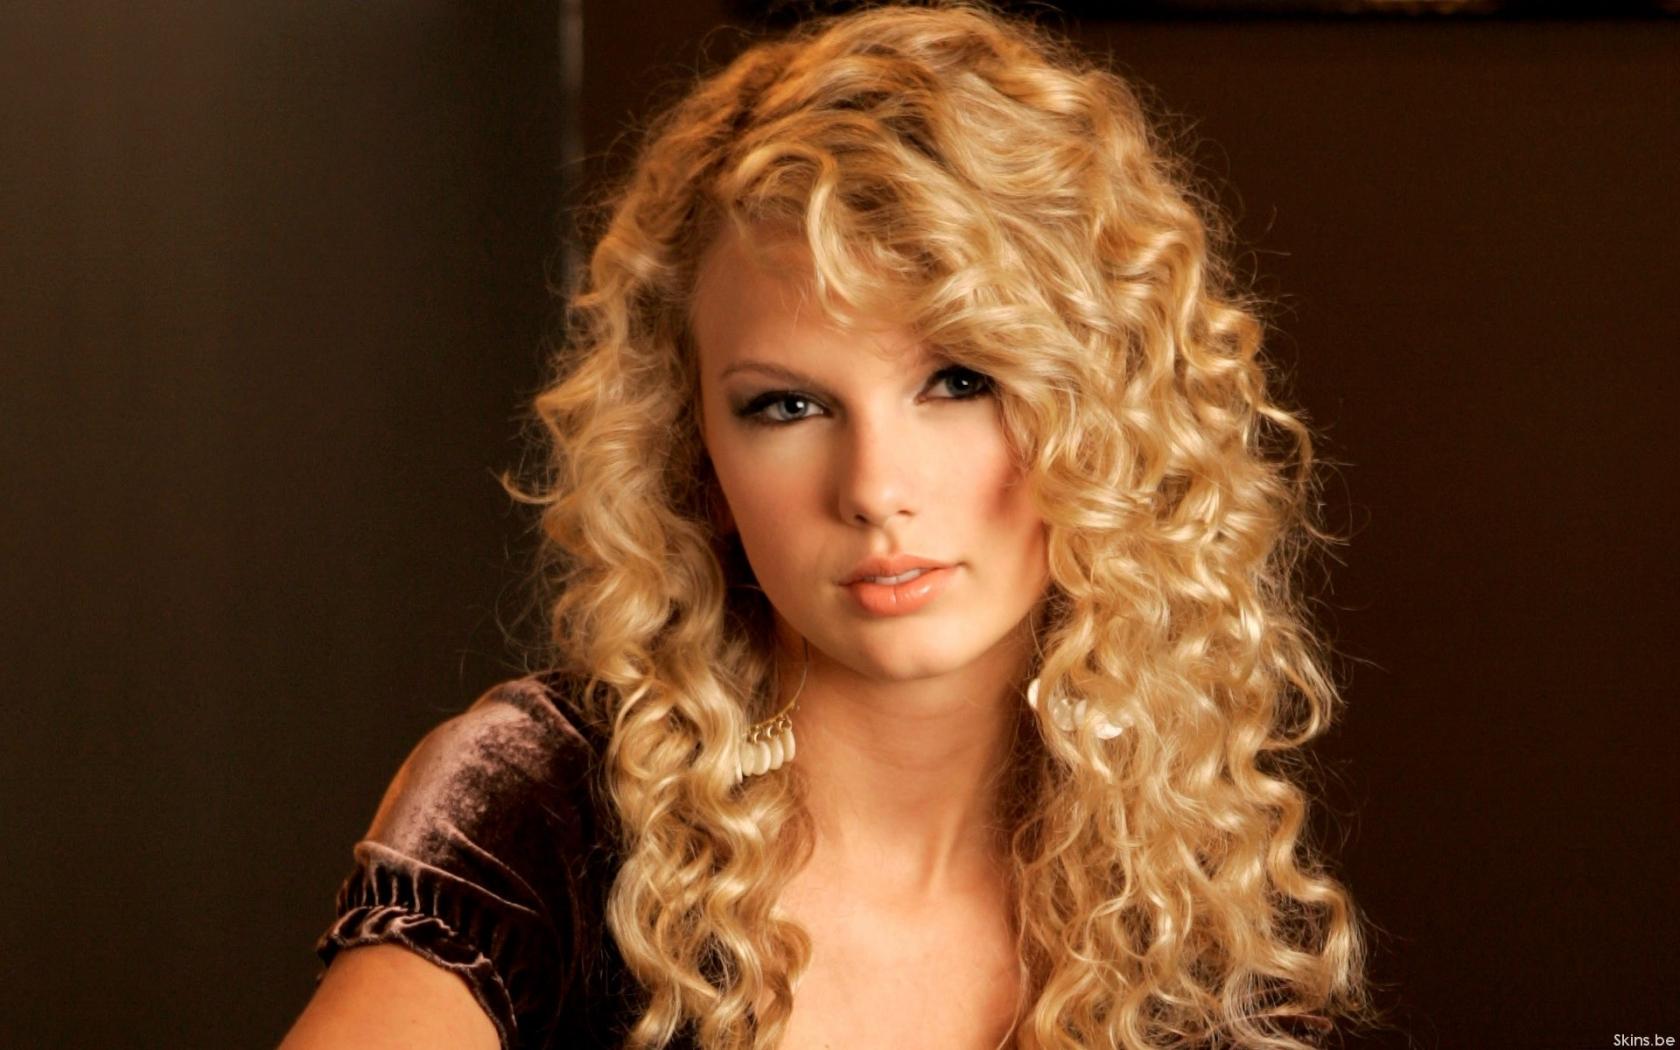 El rostro de Taylor Swift - 1680x1050